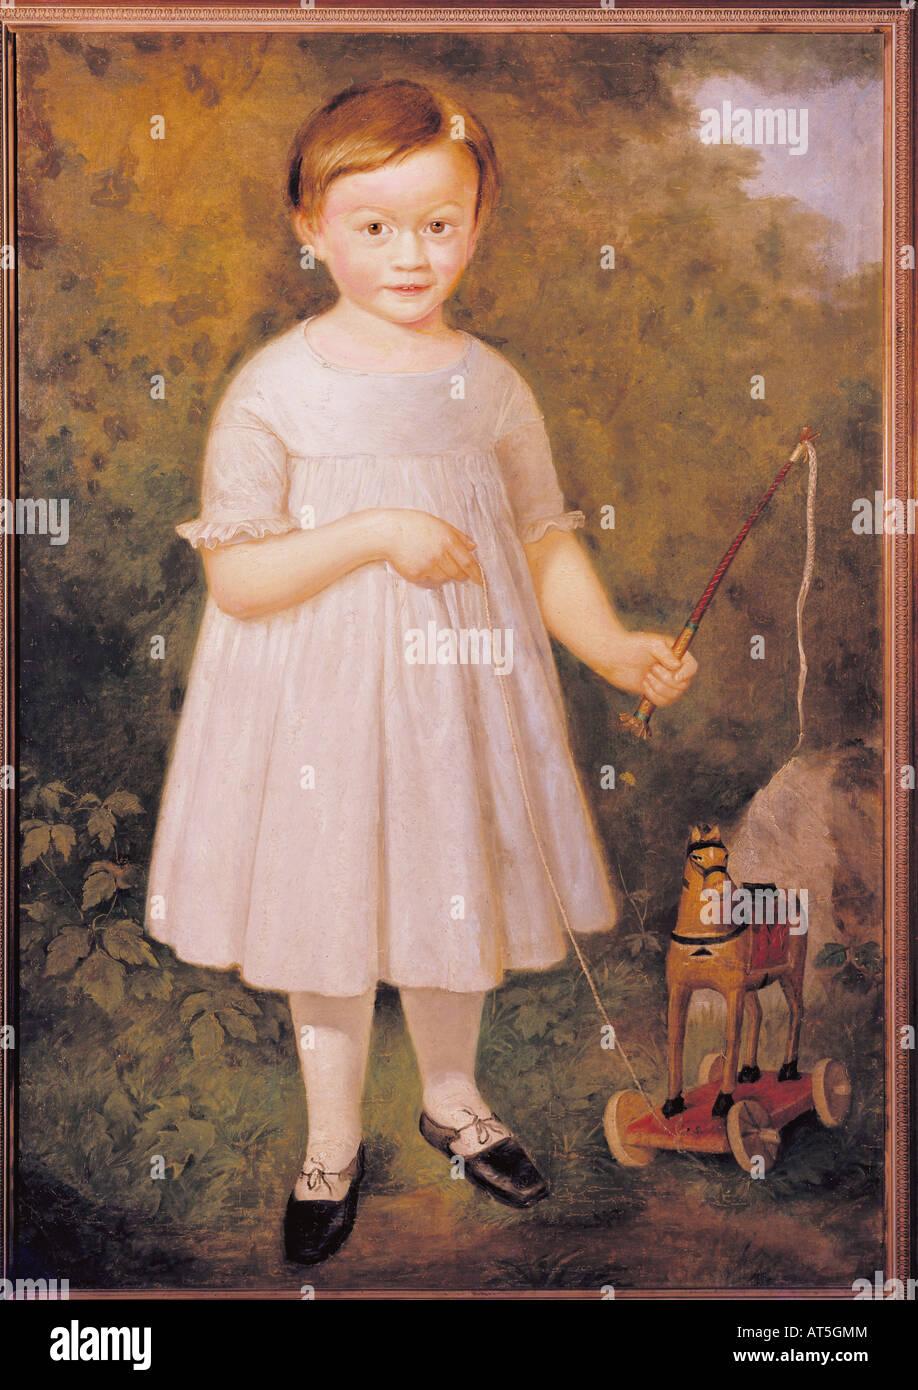 Bildende Kunst, Romantik, Kind mit einem hölzernen Pferd, unbekannter Künstler, Malerei, ca. 1820 - 1830, Stockbild